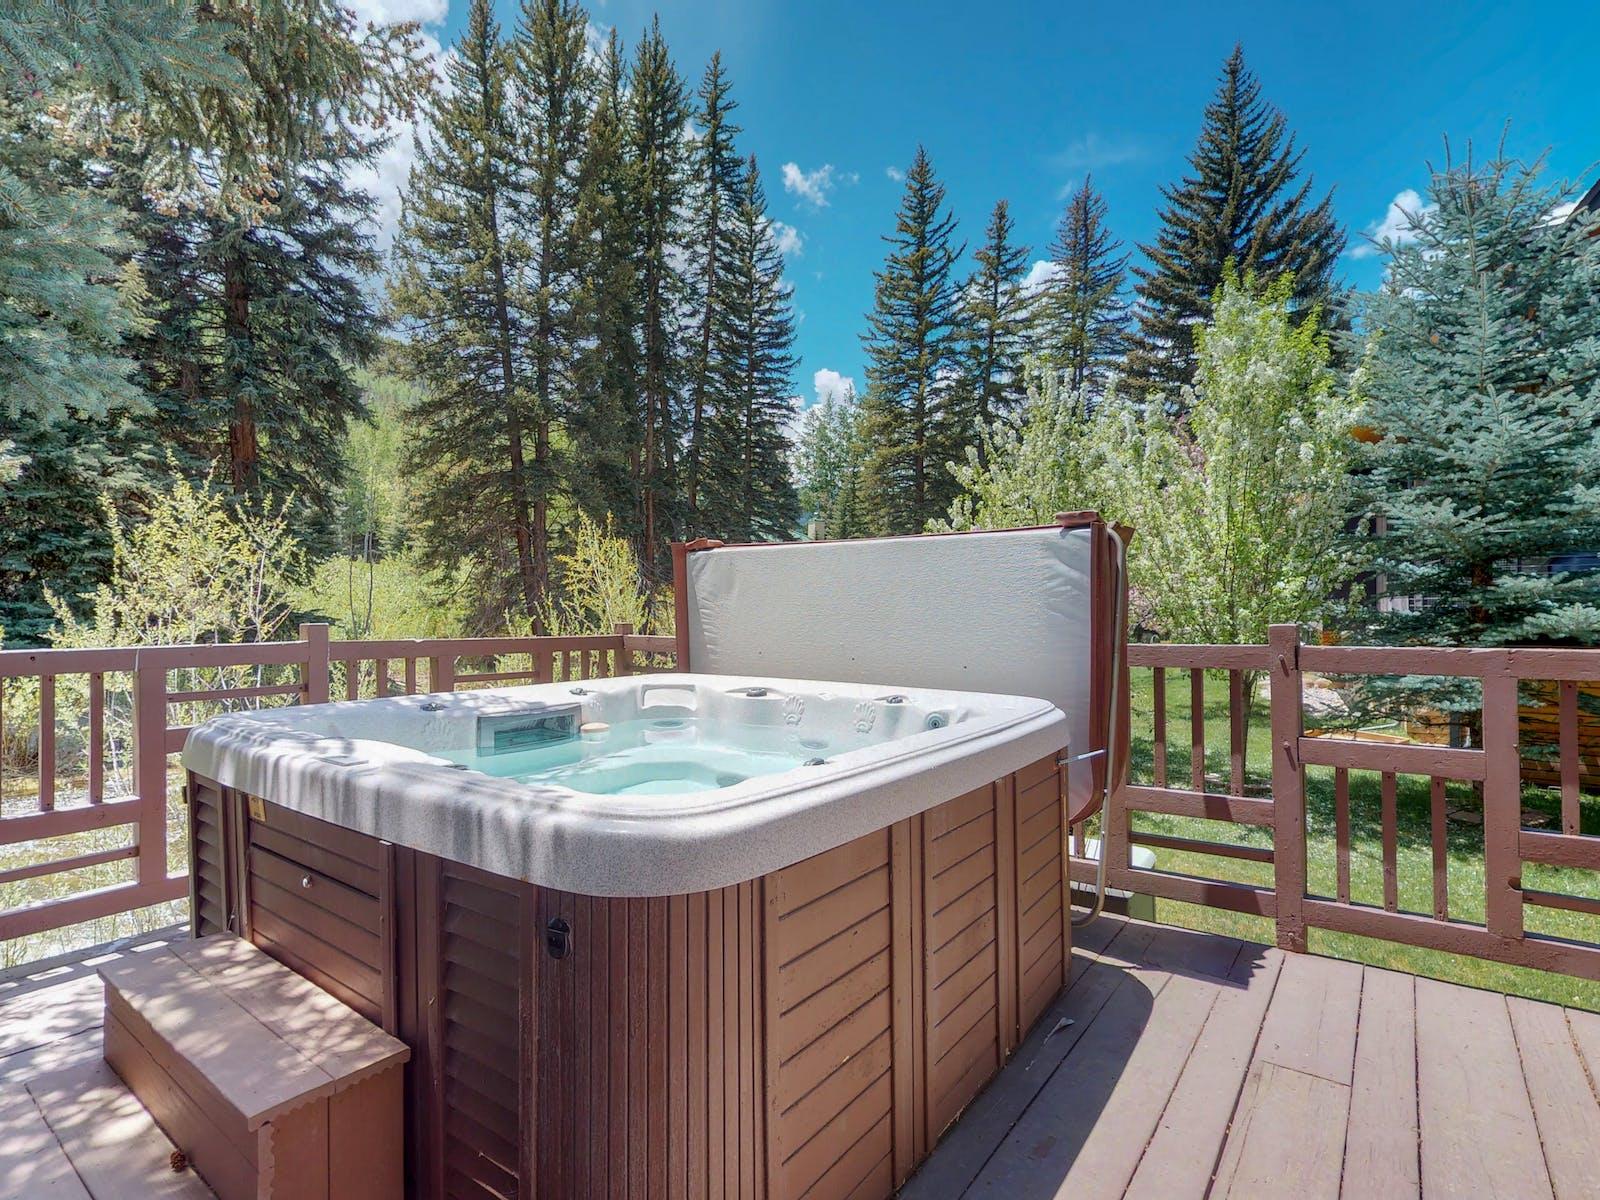 8 Breathtaking Colorado Vacation Cabin Rentals With Hot Tubs Vacasa